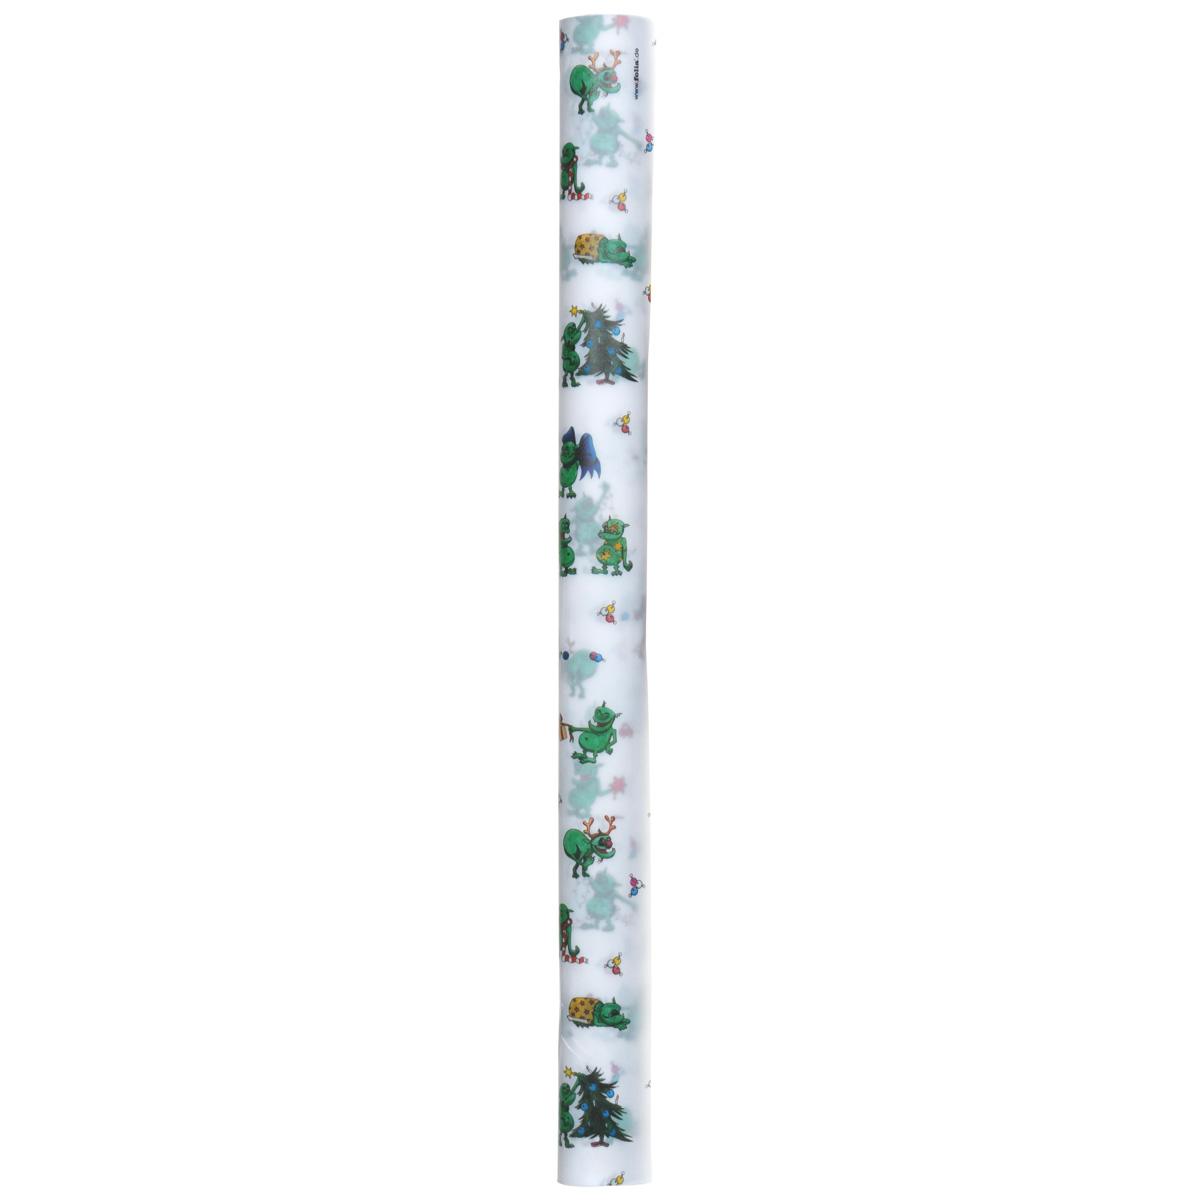 Транспарентная бумага Folia Рождественские тролли, цвет: белый, зеленый, 50,5 x 70 см55052Транспарентная бумага Folia Рождественские тролли - полупрозрачная бумага с оригинальным дизайном в виде различных троллей. Используется для изготовления открыток, для скрапбукинга и других декоративных или дизайнерских работ. Бумага прекрасно держит форму, не пачкает руки, отлично крепится. Конструирование из транспарентной бумаги - необходимый для развития детей процесс. Во время занятия аппликацией ребенок сумеет разработать четкость движений, ловкость пальцев, аккуратность и внимательность. Кроме того, транспарентная бумага позволит разнообразить идеи ребенка при создании творческих работ.